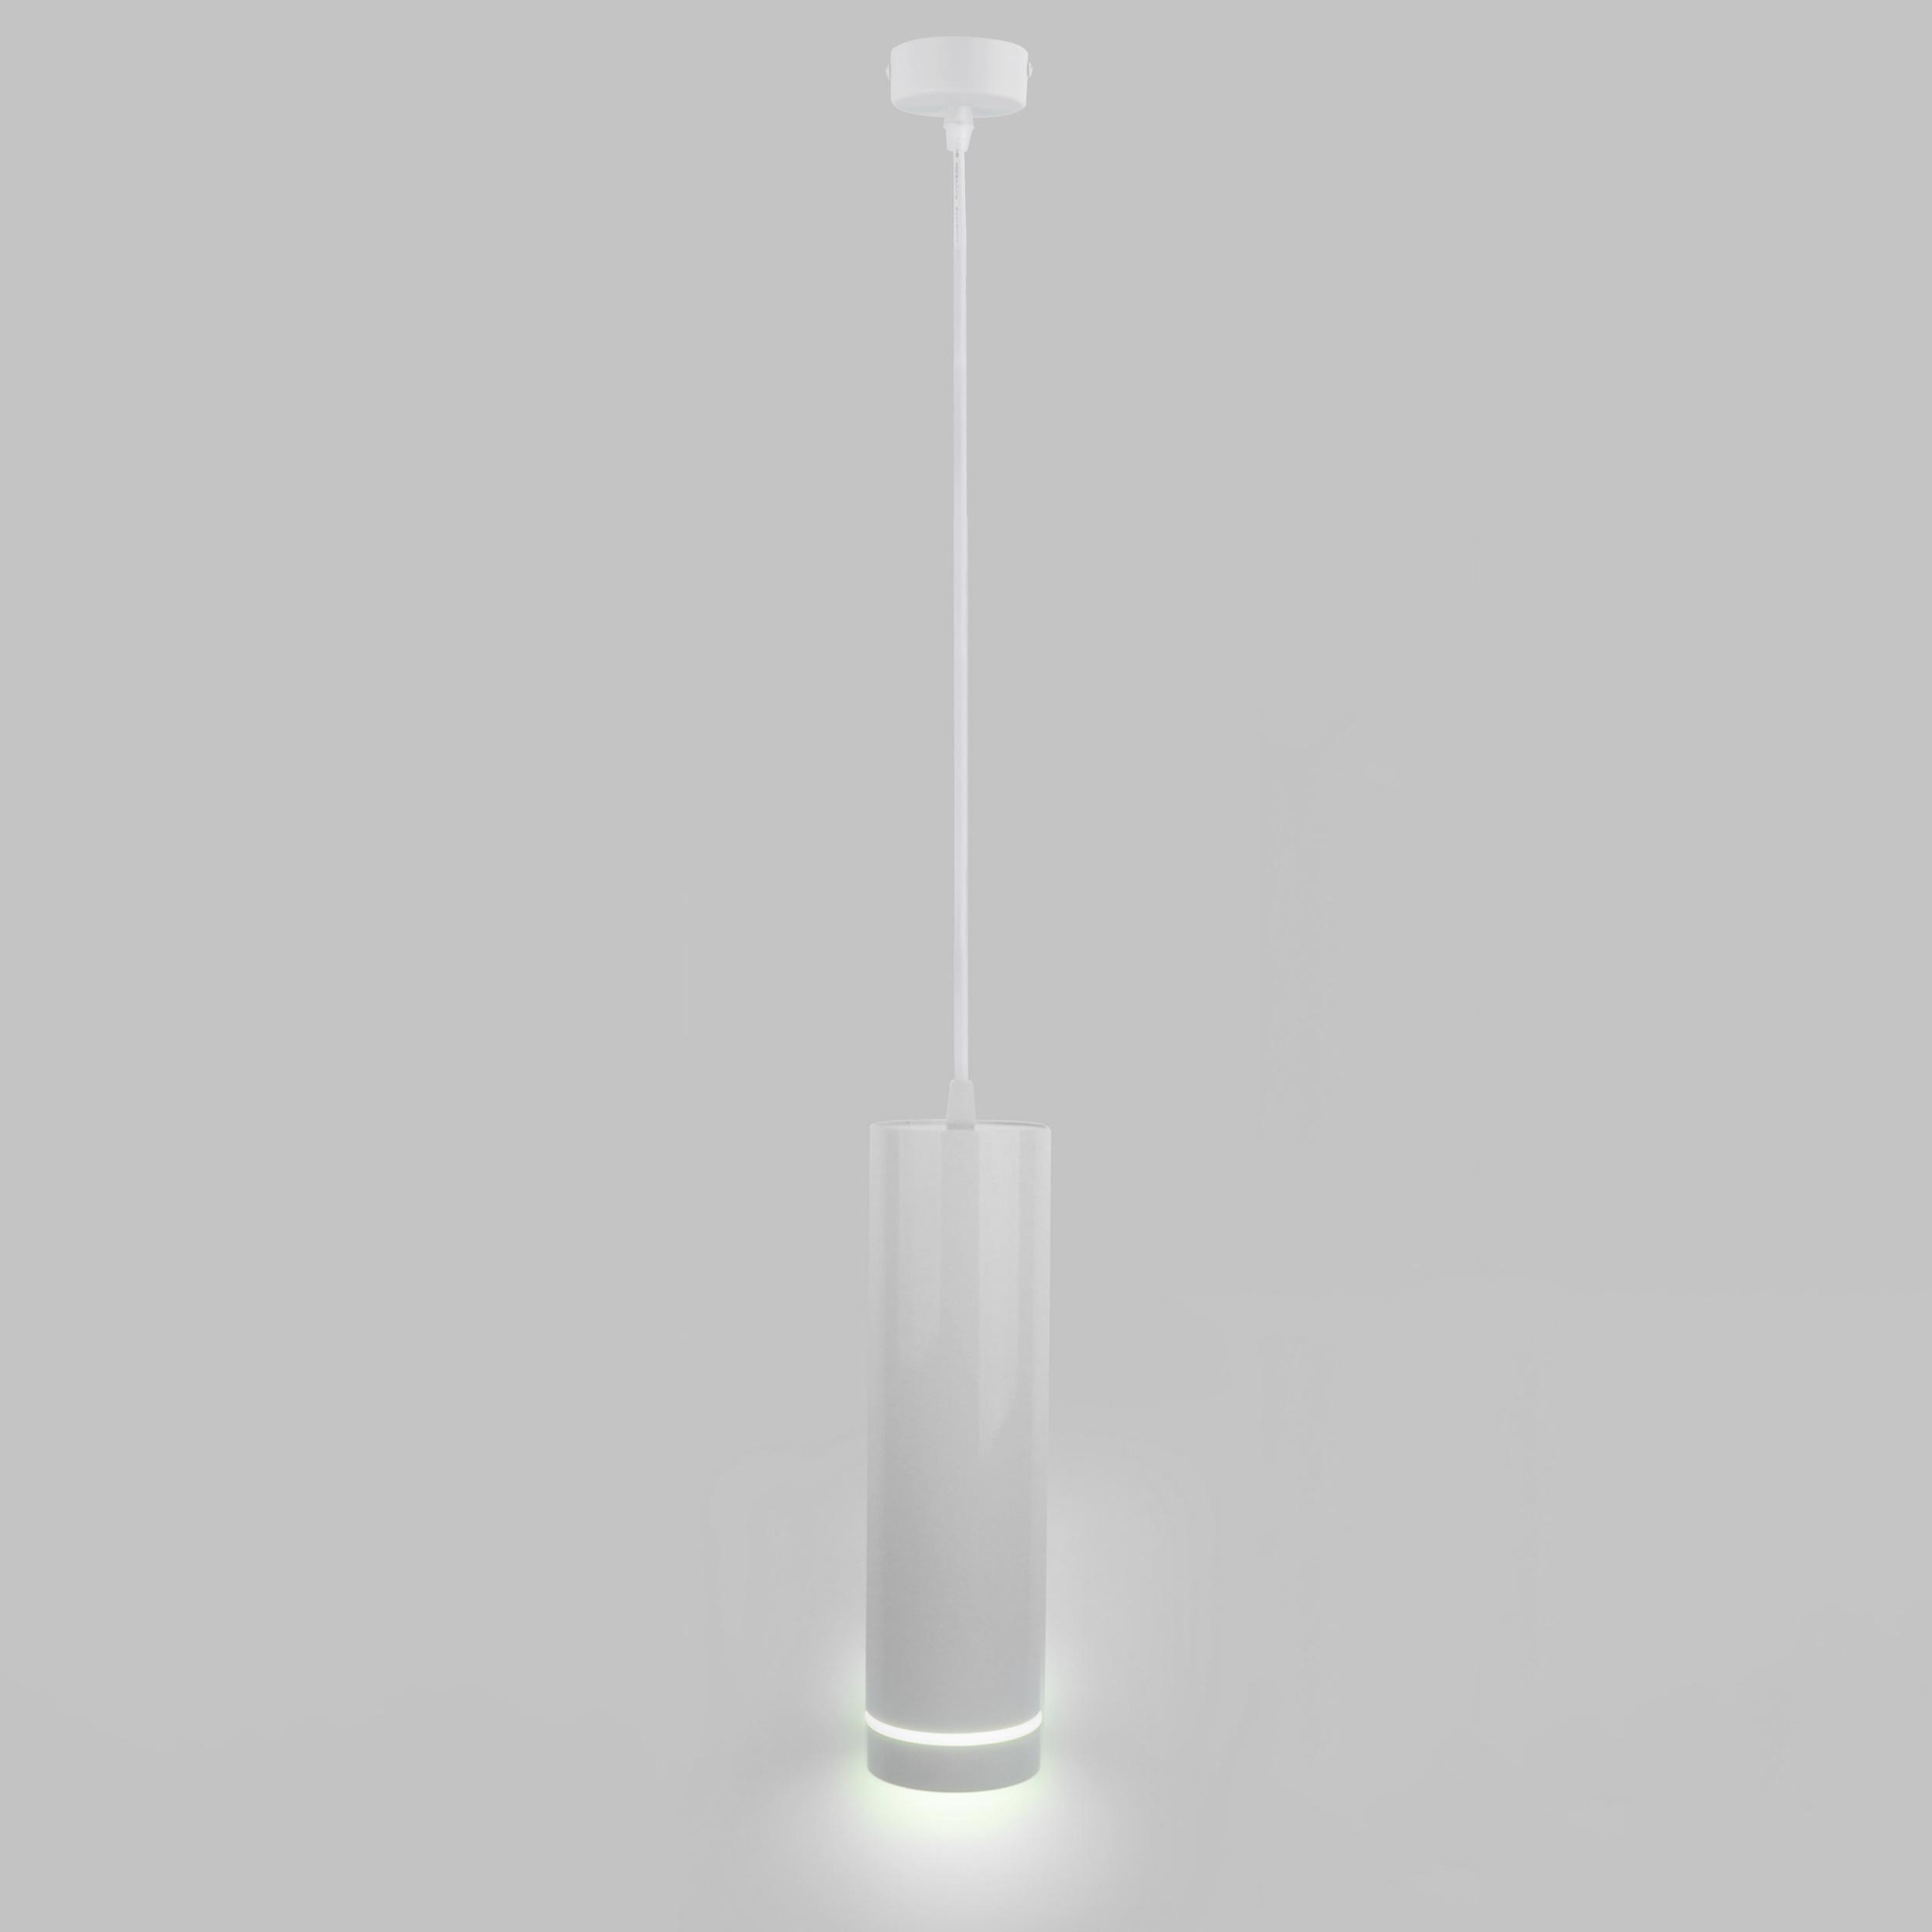 Светильник подвесной Elvan ASV-T0160DS-12W-NH-WH подвесной светильник pnd 123 01 01 001 we s 13 wh